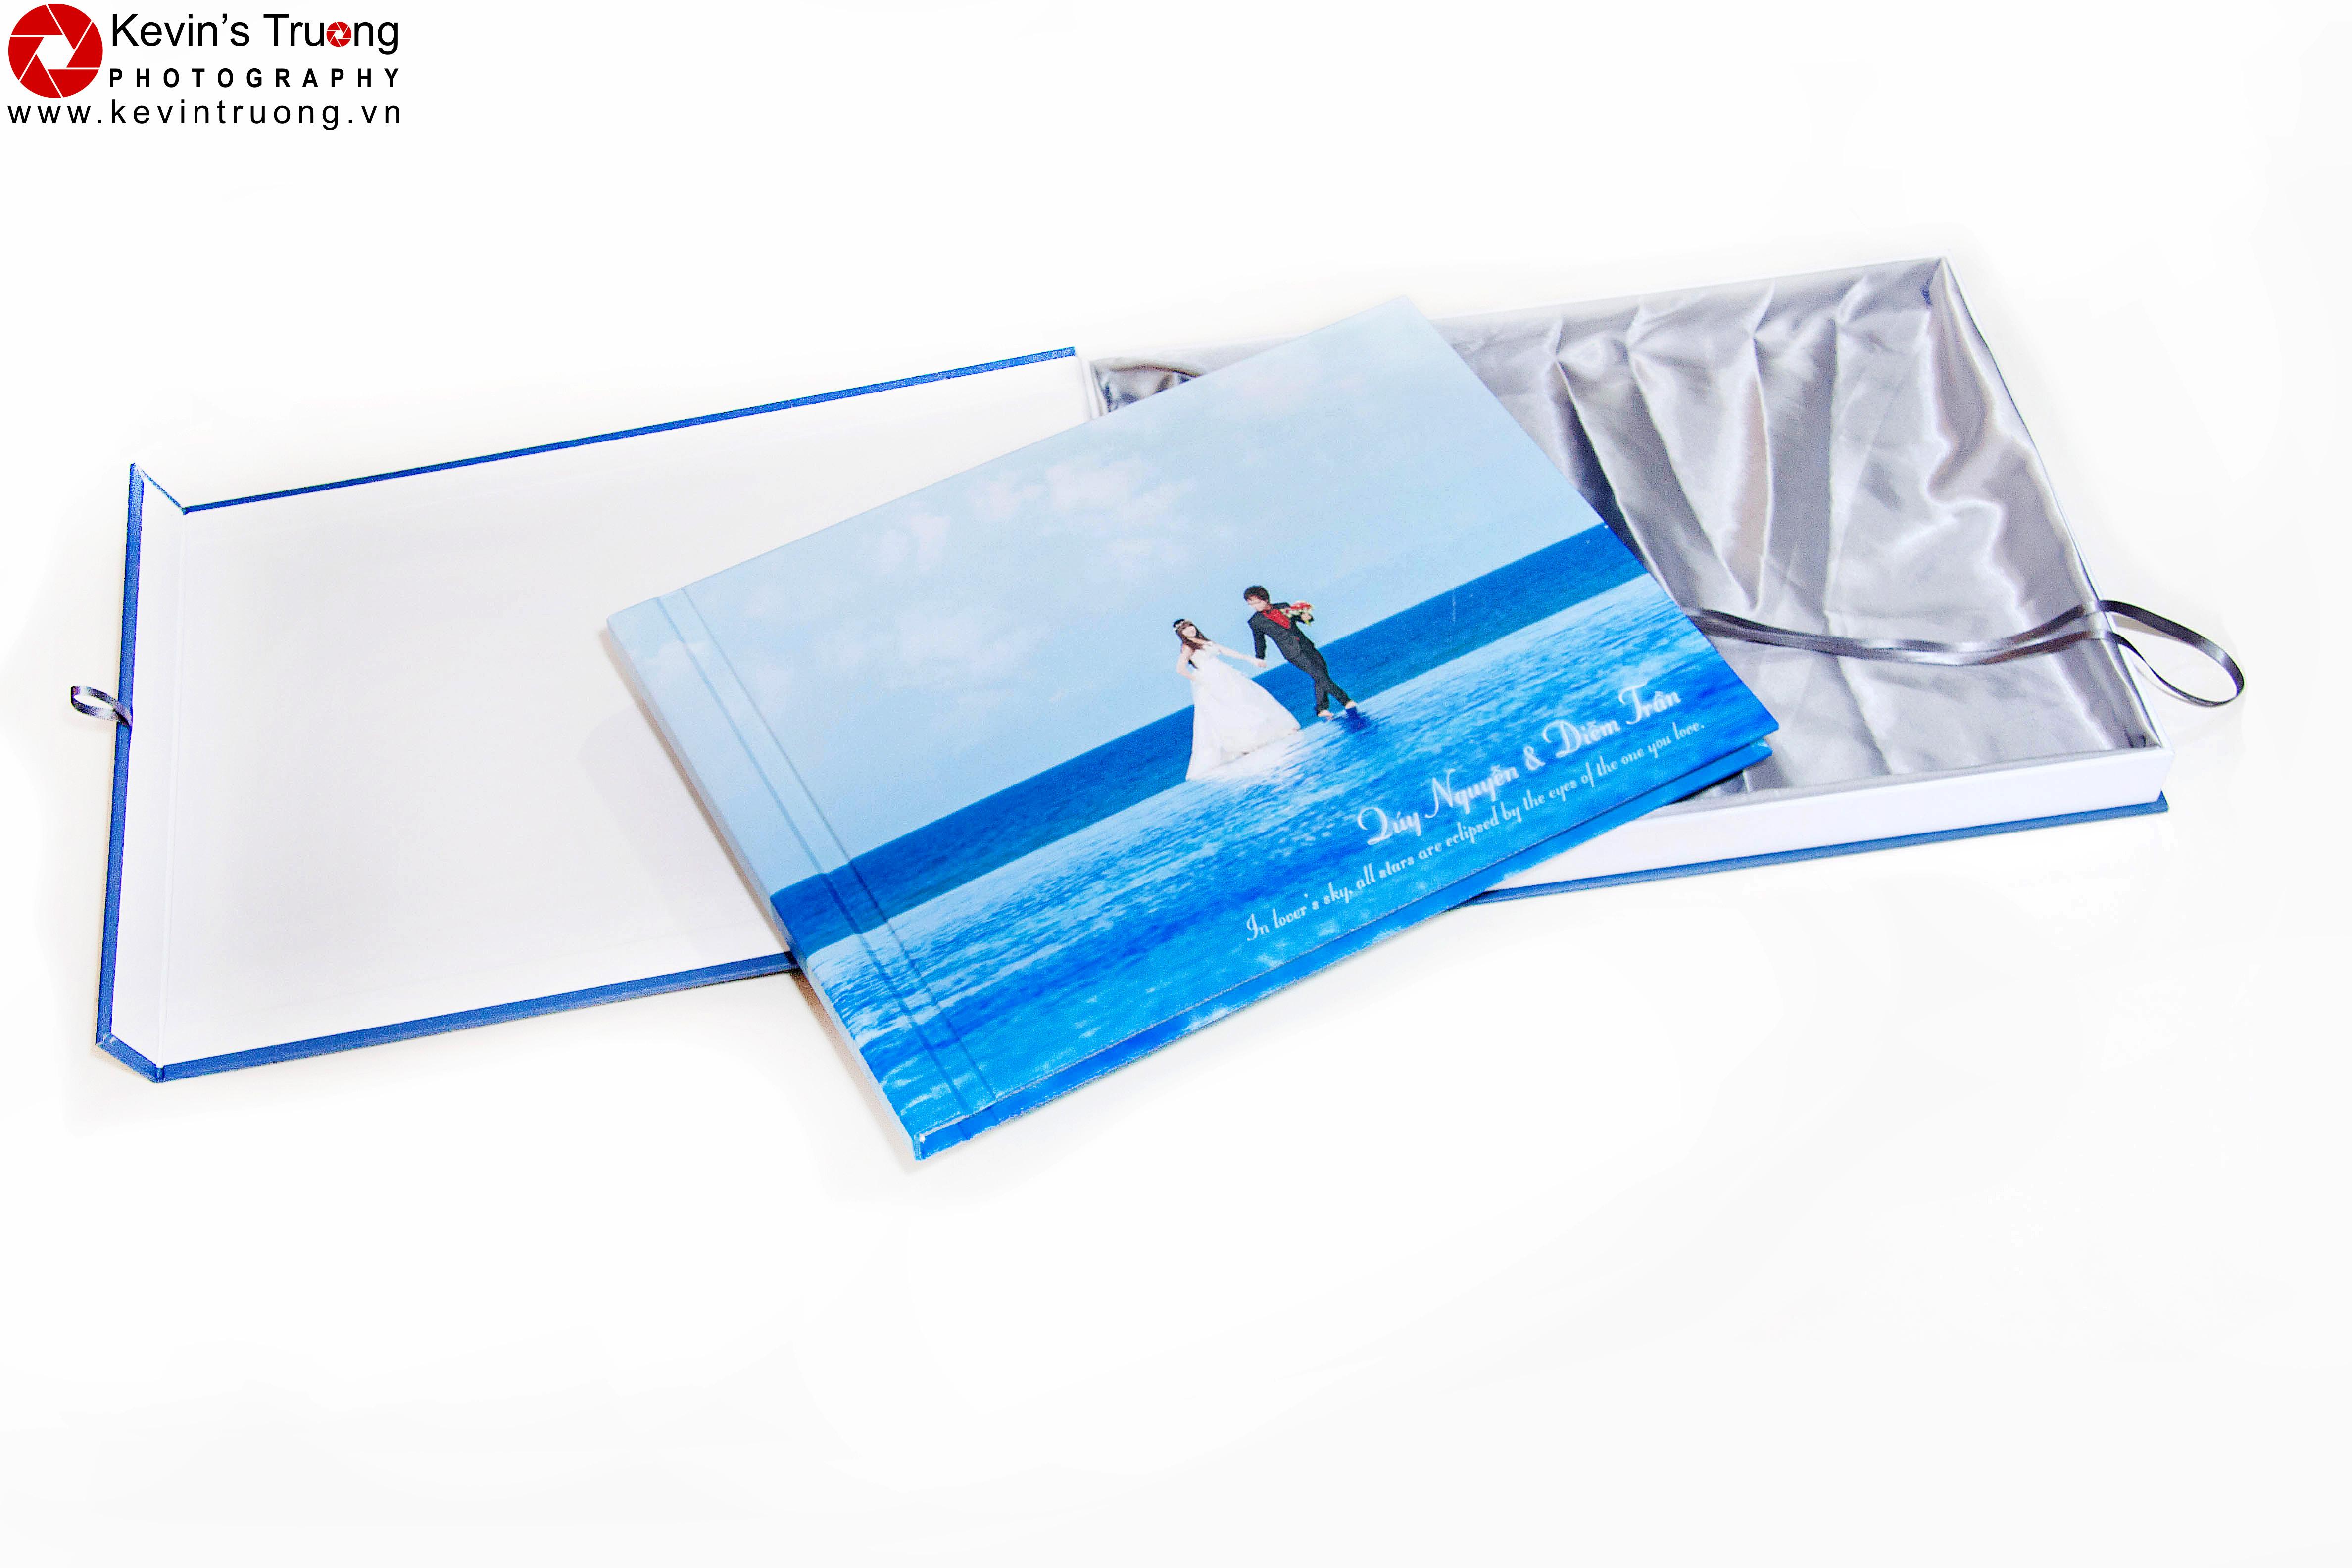 Gia Công-In Album Cát Kim Tuyến-Album 3D,Photobook,Ép gỗ các loại - 35